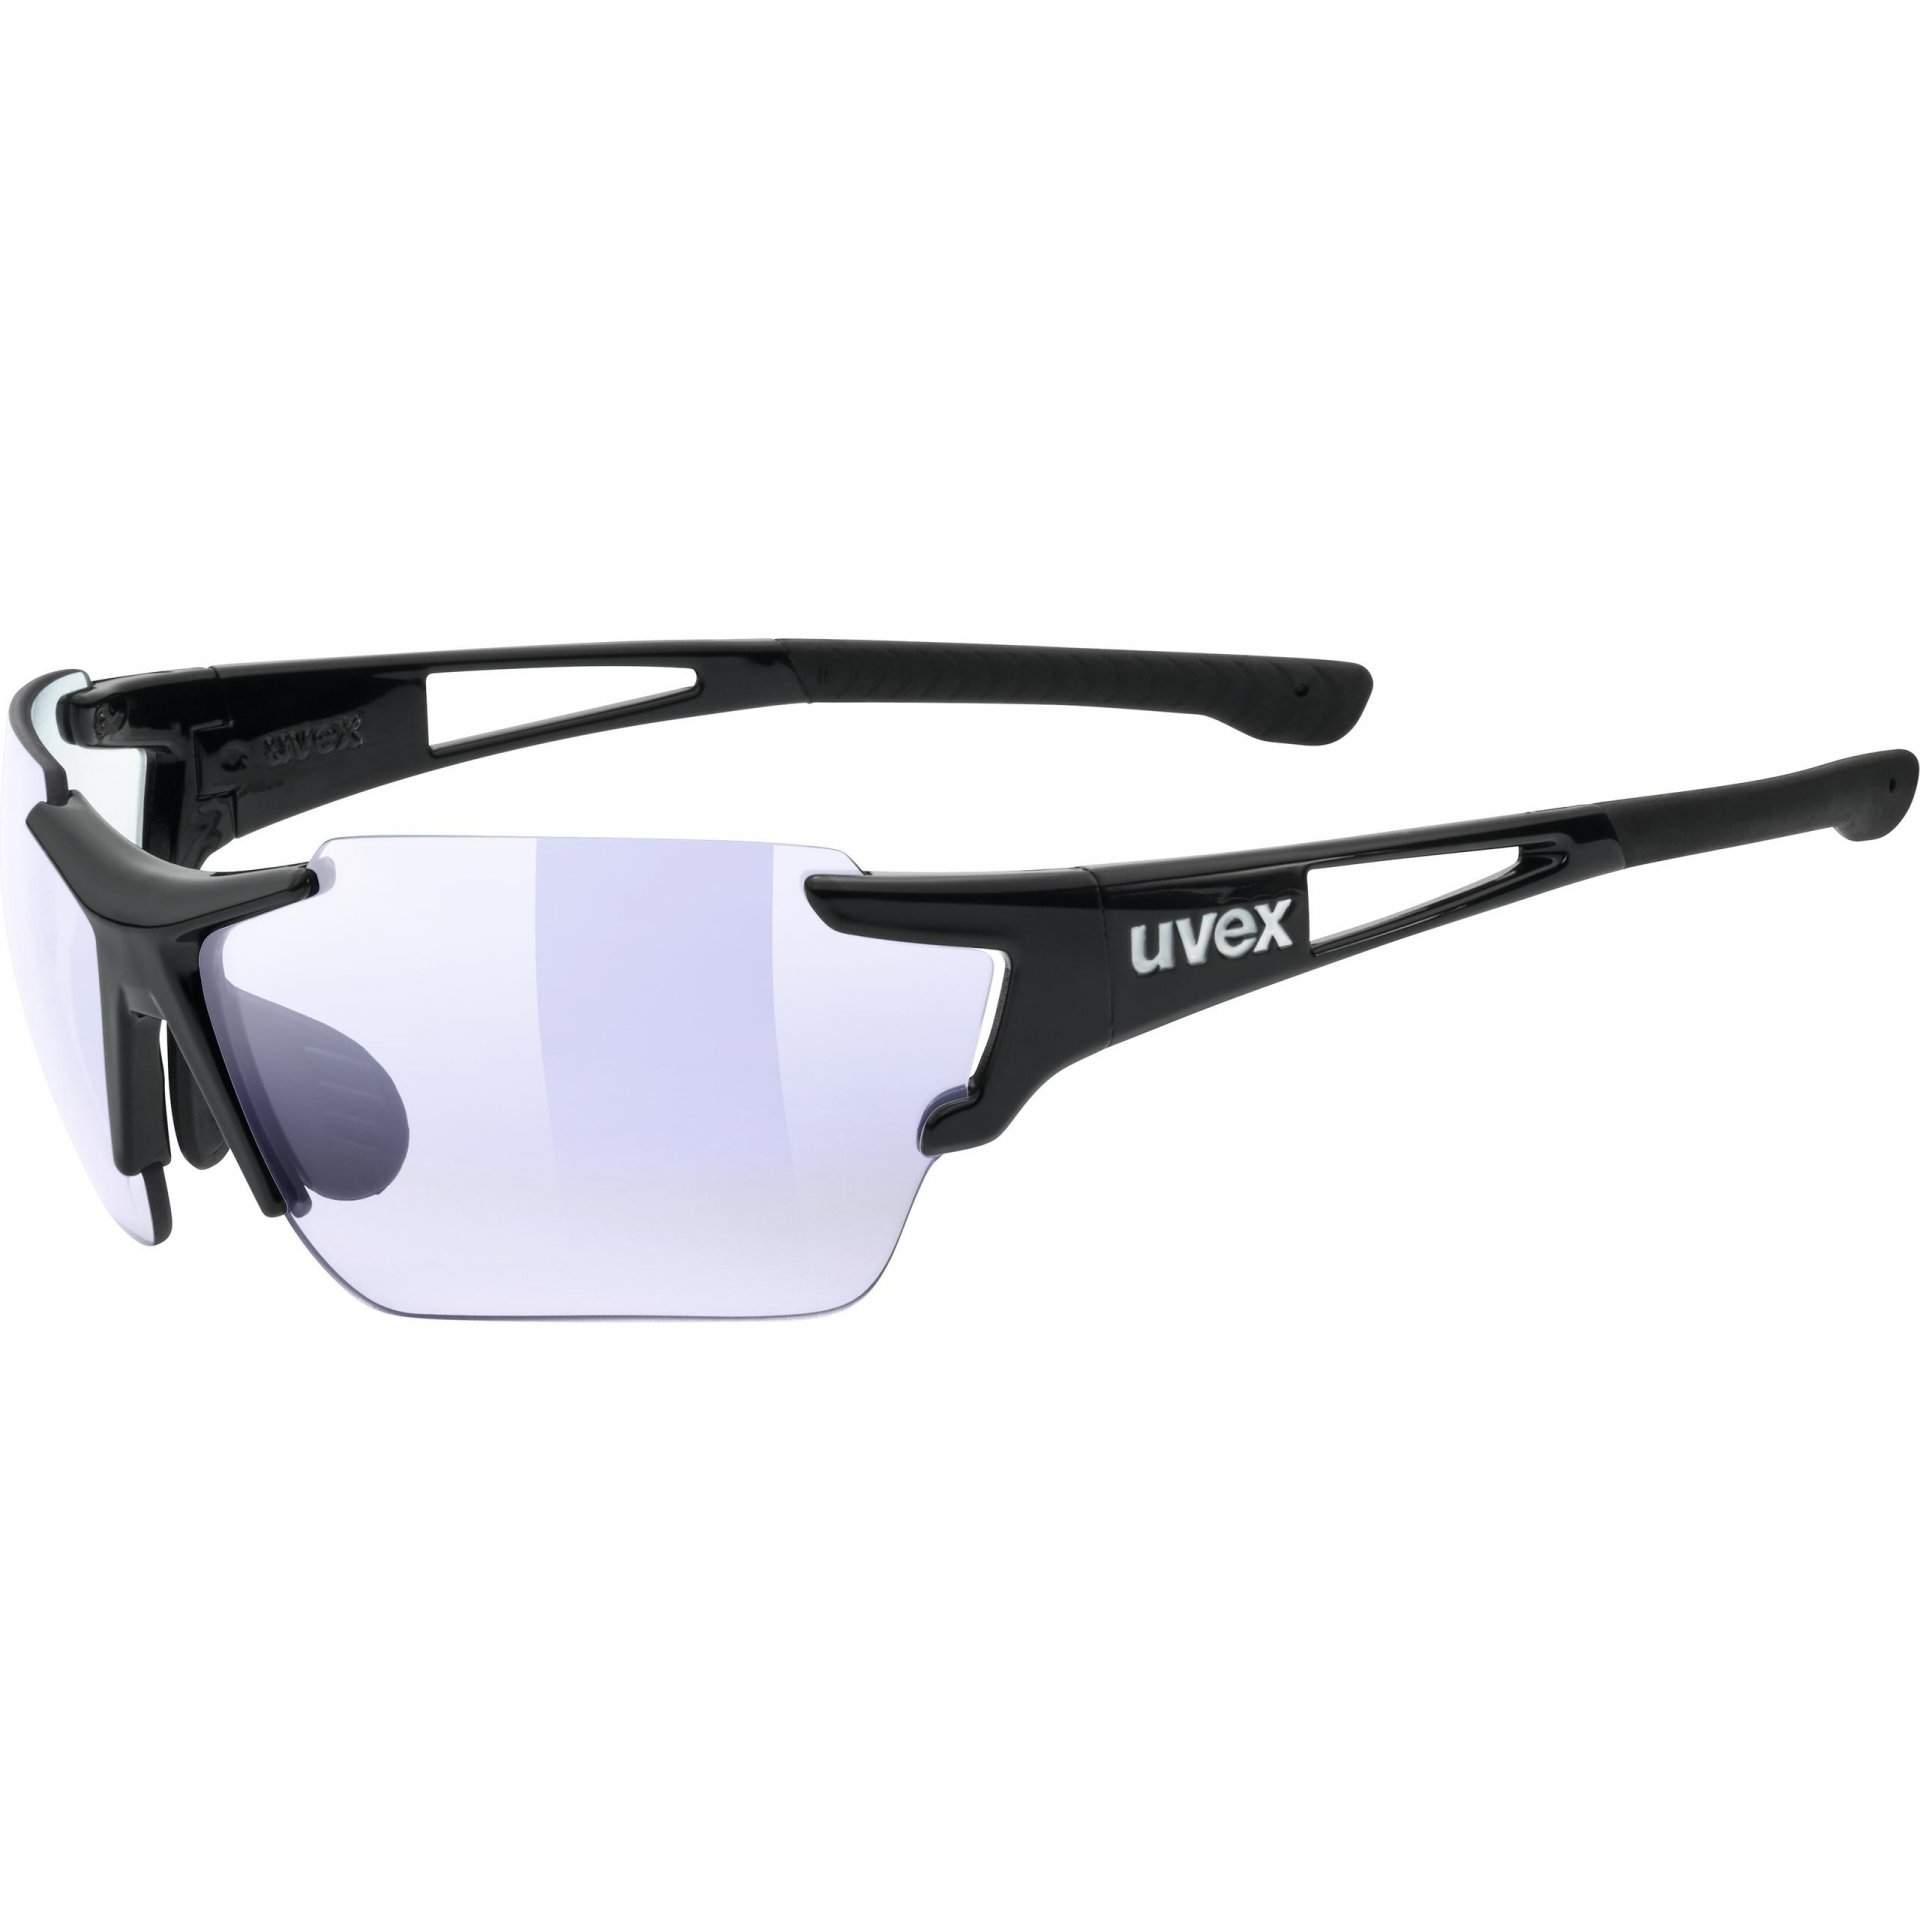 OKULARY UVEX SPORTSTYLE 803 RACE V 53|0|971|2203 BLACK